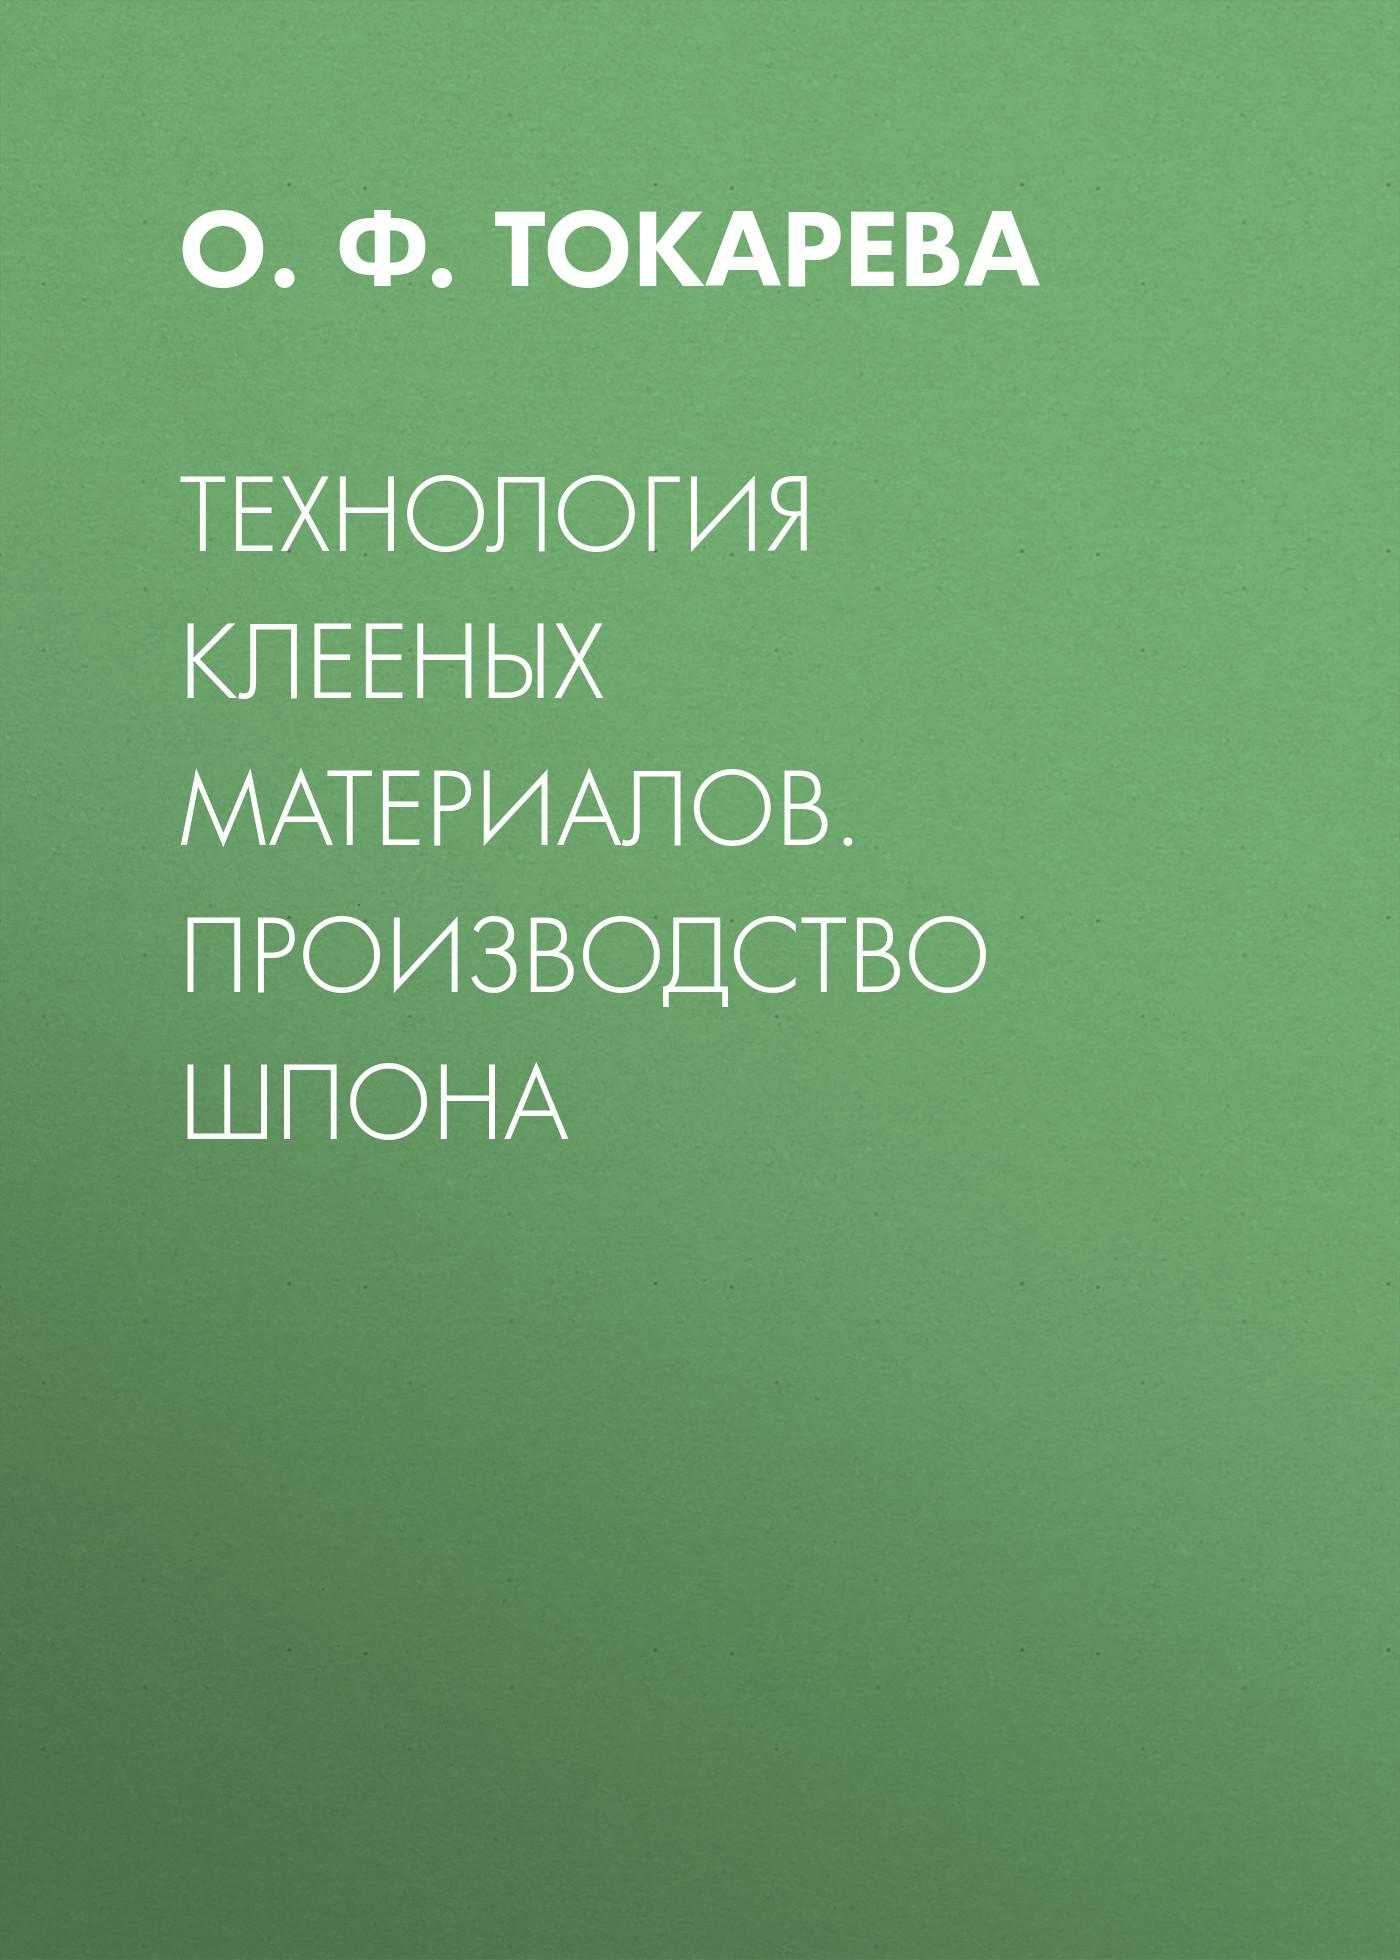 О. Ф. Токарева Технология клееных материалов. Производство шпона хельма шпона домашняя фотостудия